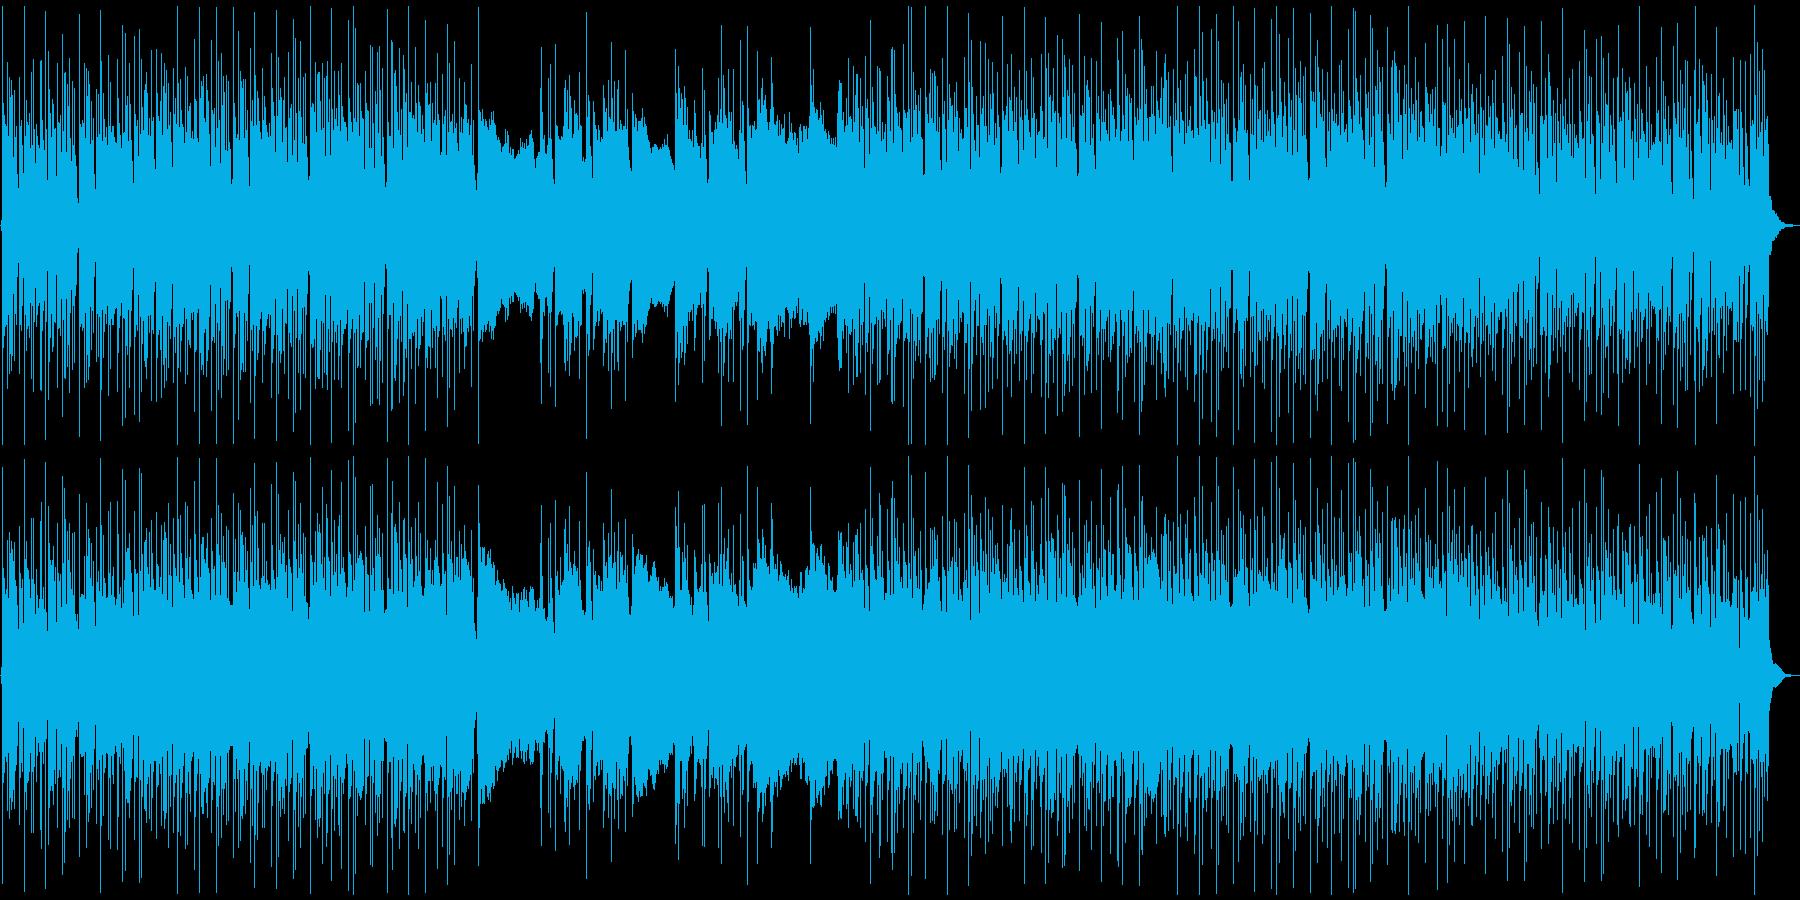 激しめ!メタルなギターリフの再生済みの波形